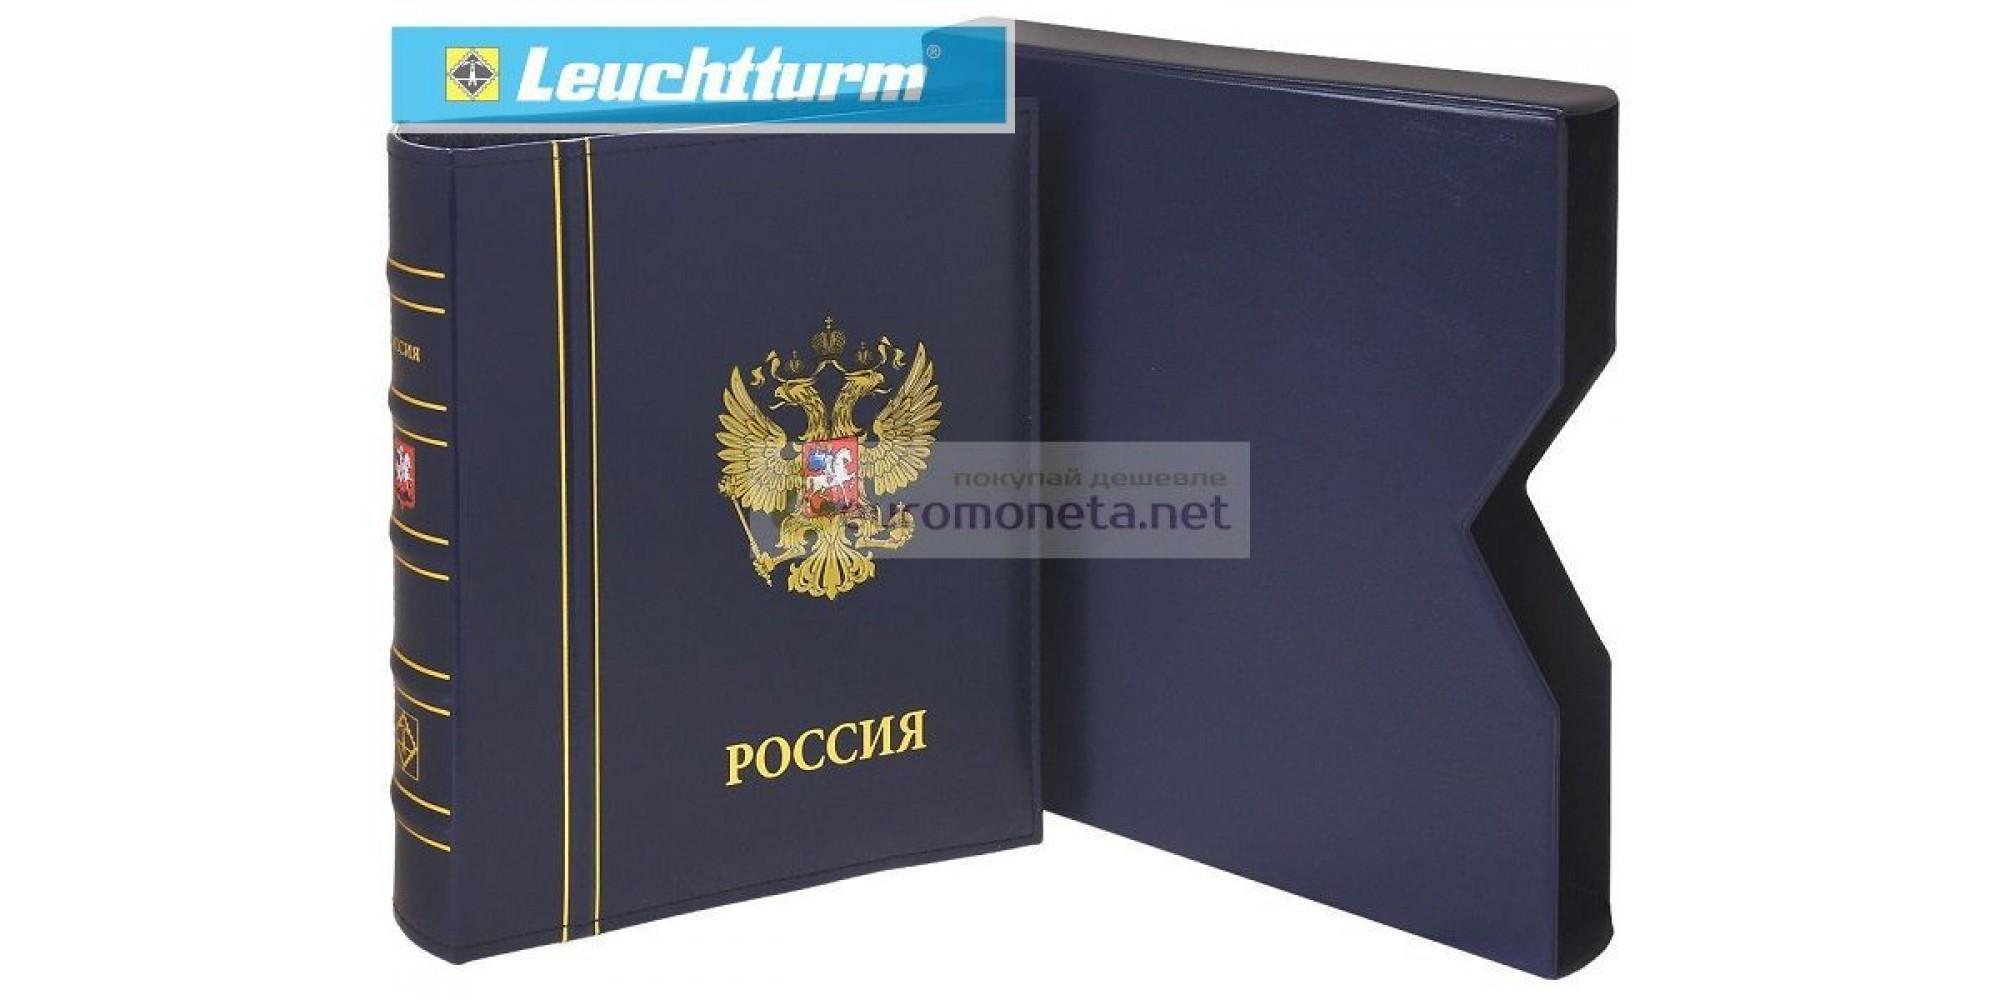 Leuchtturm альбом OPTIMA classic Российская Федерация защитный футляр (шубер), синий, Германия